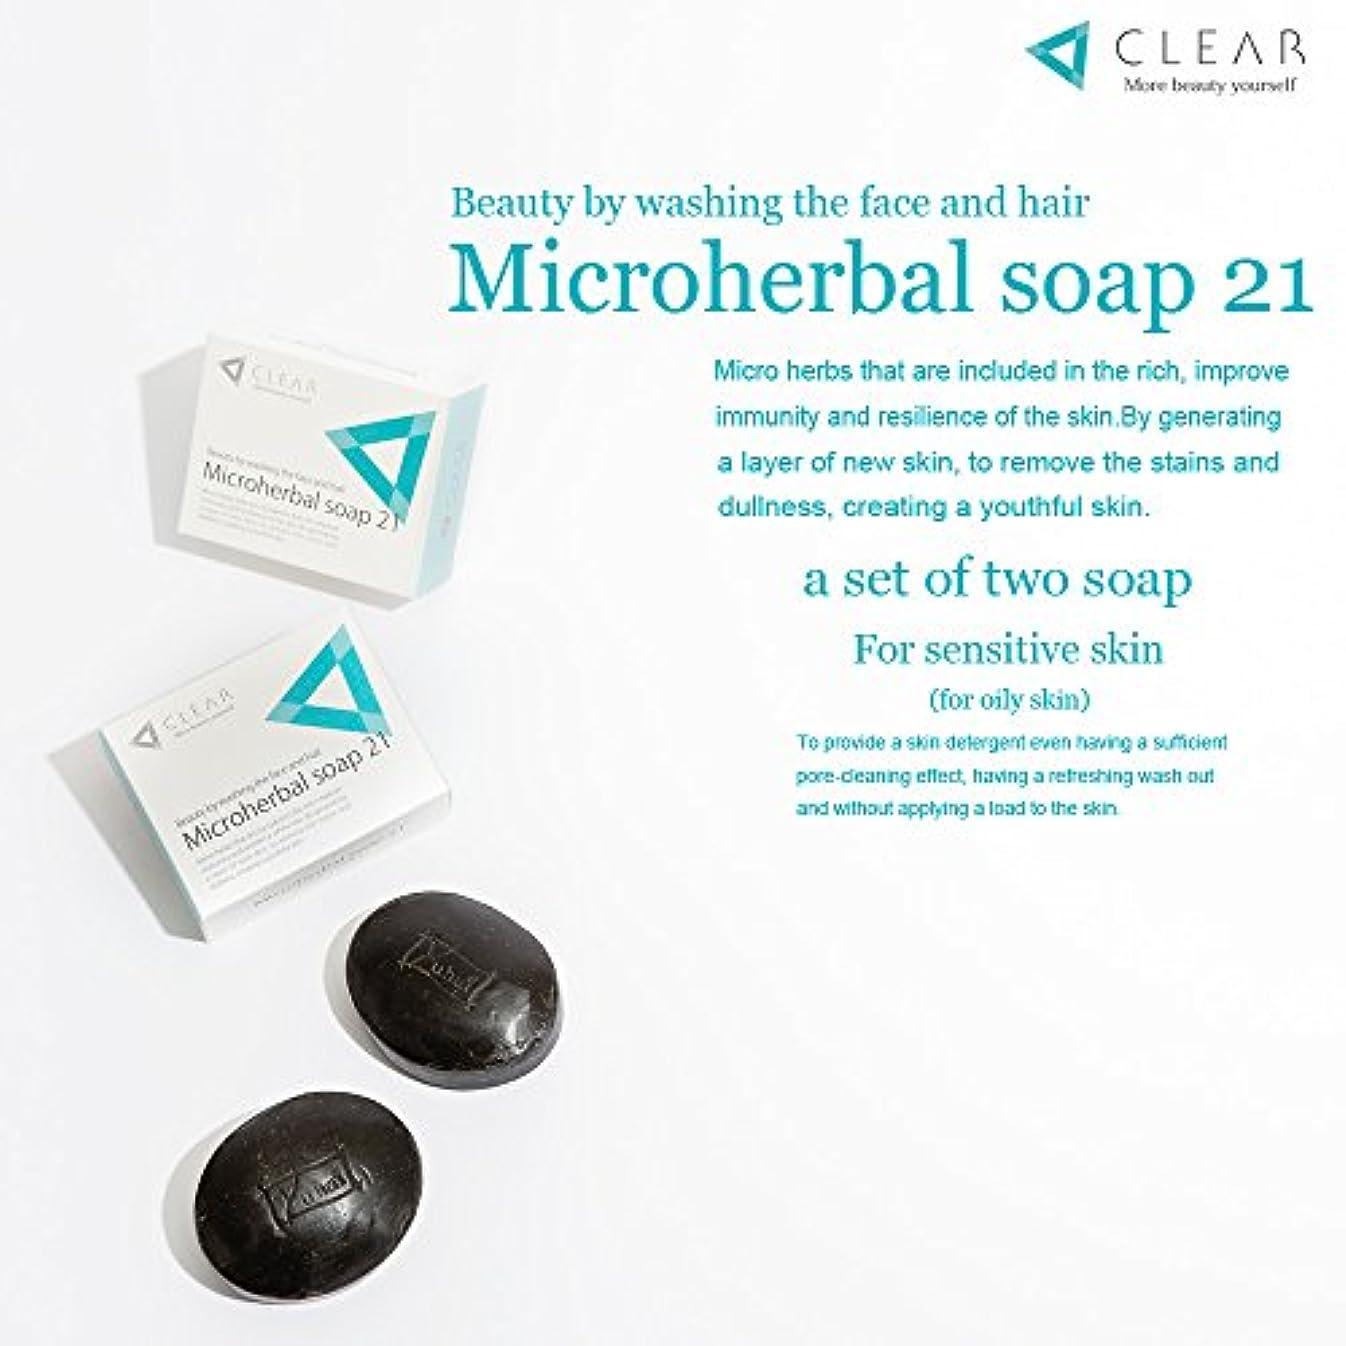 トーン契約する心臓「マイクロハーブ石鹸21?敏感肌用」2個セット(敏感肌にやさしくすっきり肌と頭皮ケア)94g/個